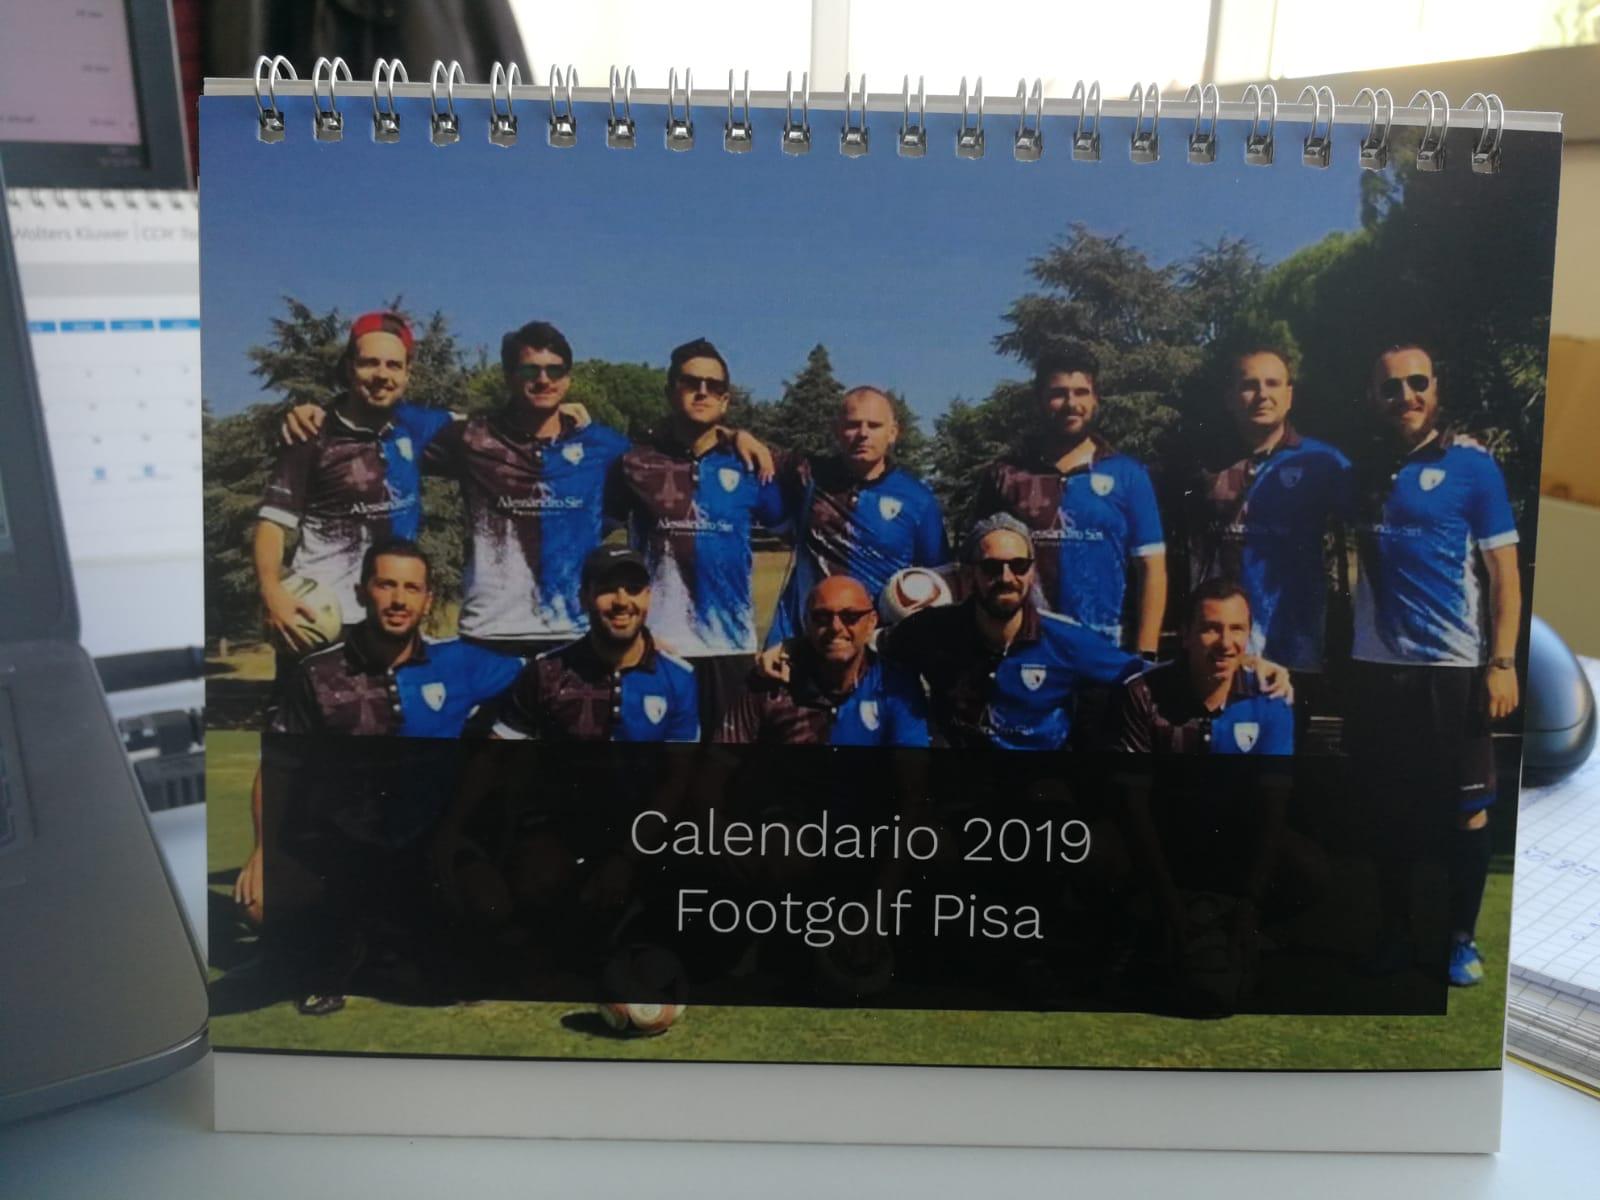 Pisa Calendario.Calendario 2019 Footgolf Pisa Footgolf Pisa